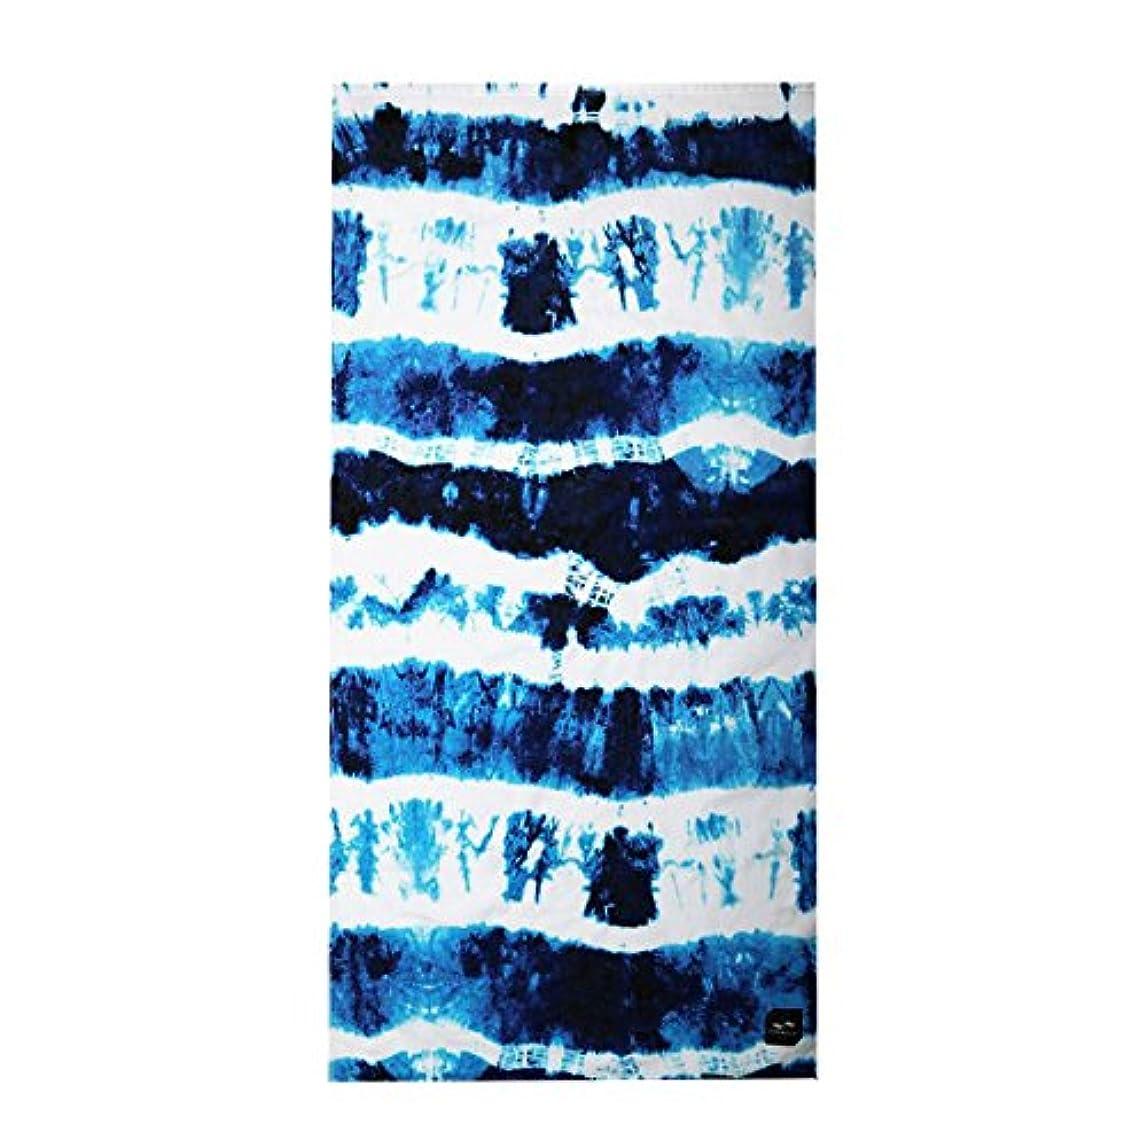 季節恐怖症本質的に[スロウタイド] SLOWTIDE 正規品 ビーチタオル INDIGO SUN BEACH TOWEL ST033 NAVY (コード:4125699719-1)